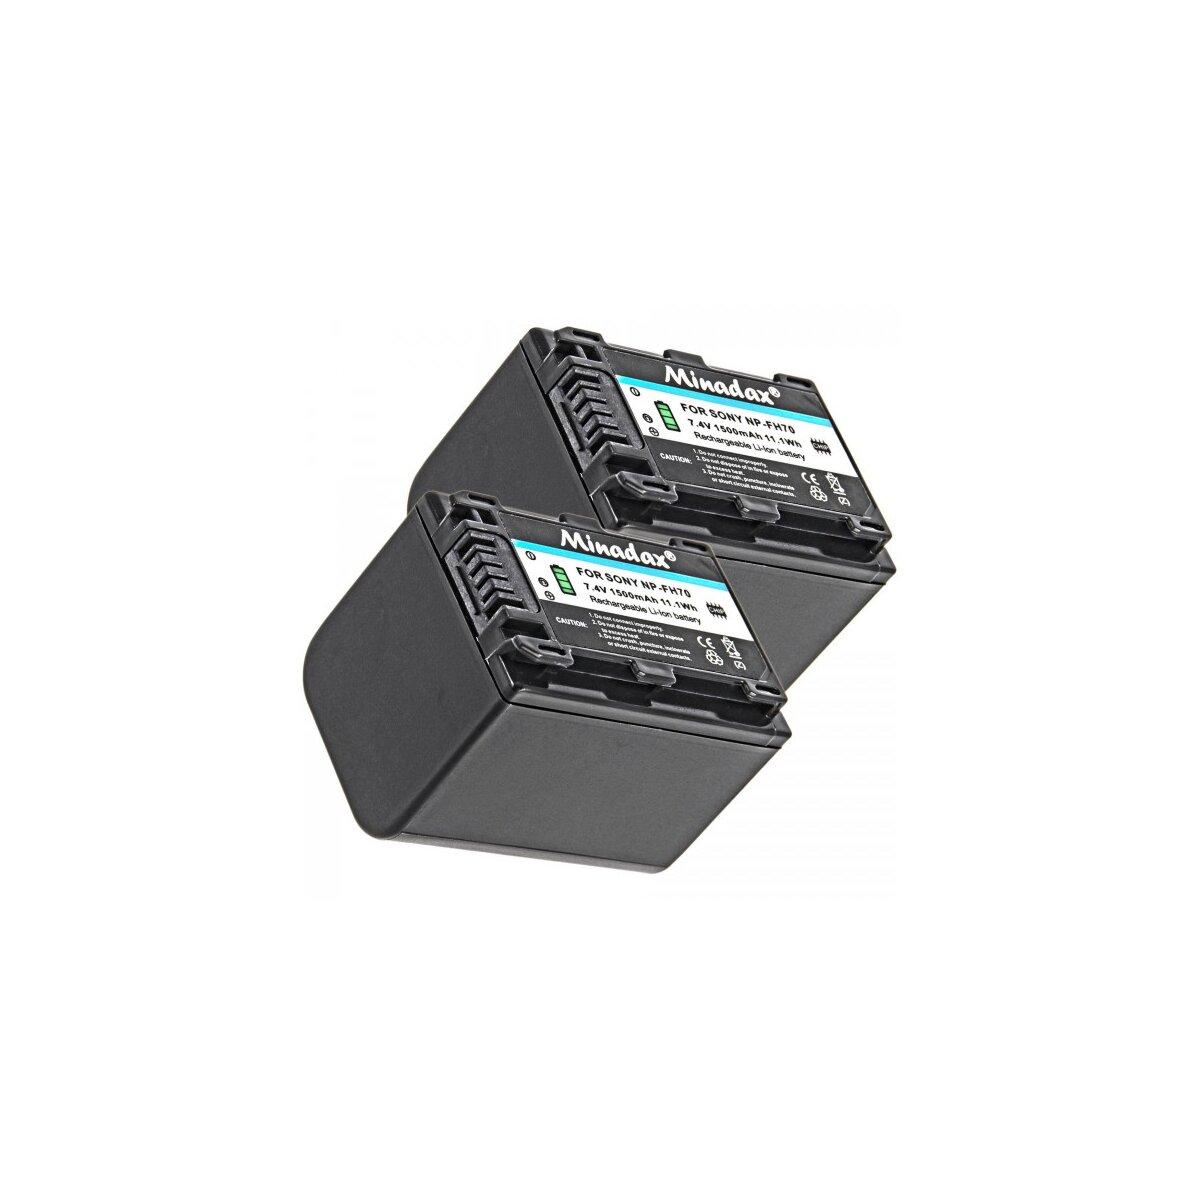 2x Minadax Qualitätsakku mit echten 1500 mAh kompatibel für Sony HDR CX115E CX190E CX200E CX210E CX220E CX250E CX260VE CX280E CX320E CX410VE CX570E CX730E CX690E CX740VE CX900E - Ersatz für NP-FV70